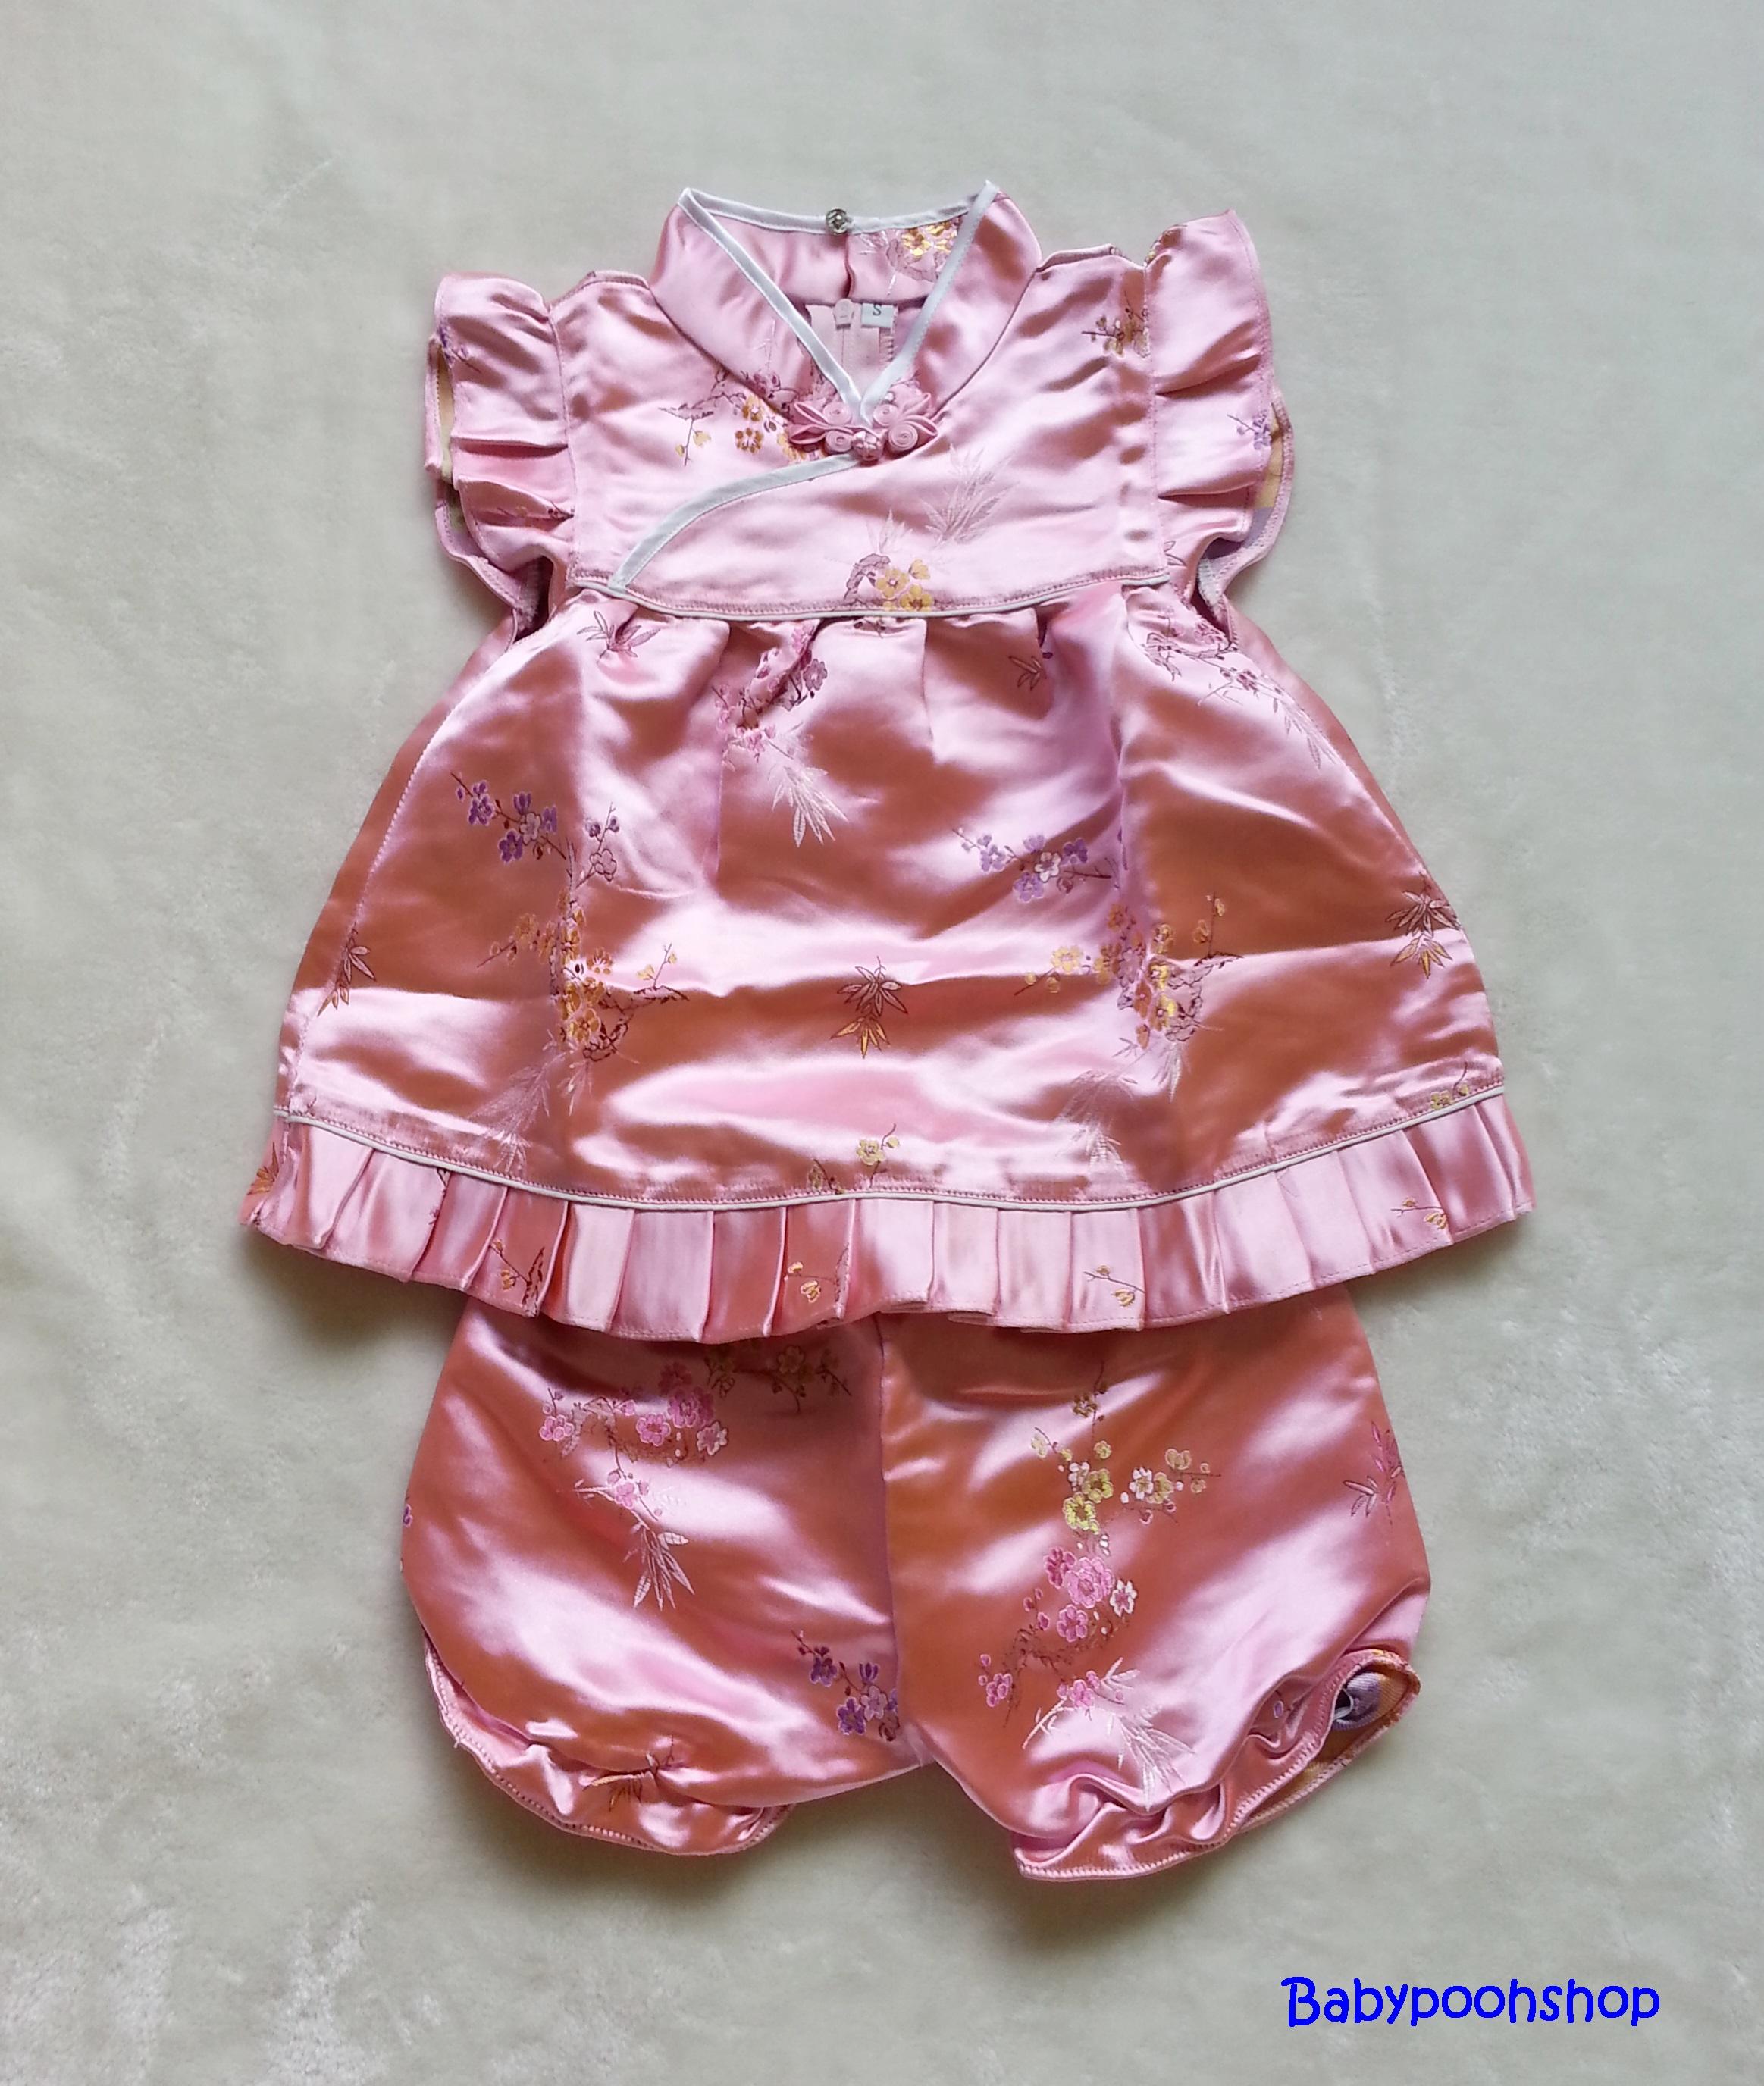 ชุดจีนเด็กหญิง พร้อมกางเกงขาสั้น สีชมพู Size : L ( 1.5-2y )